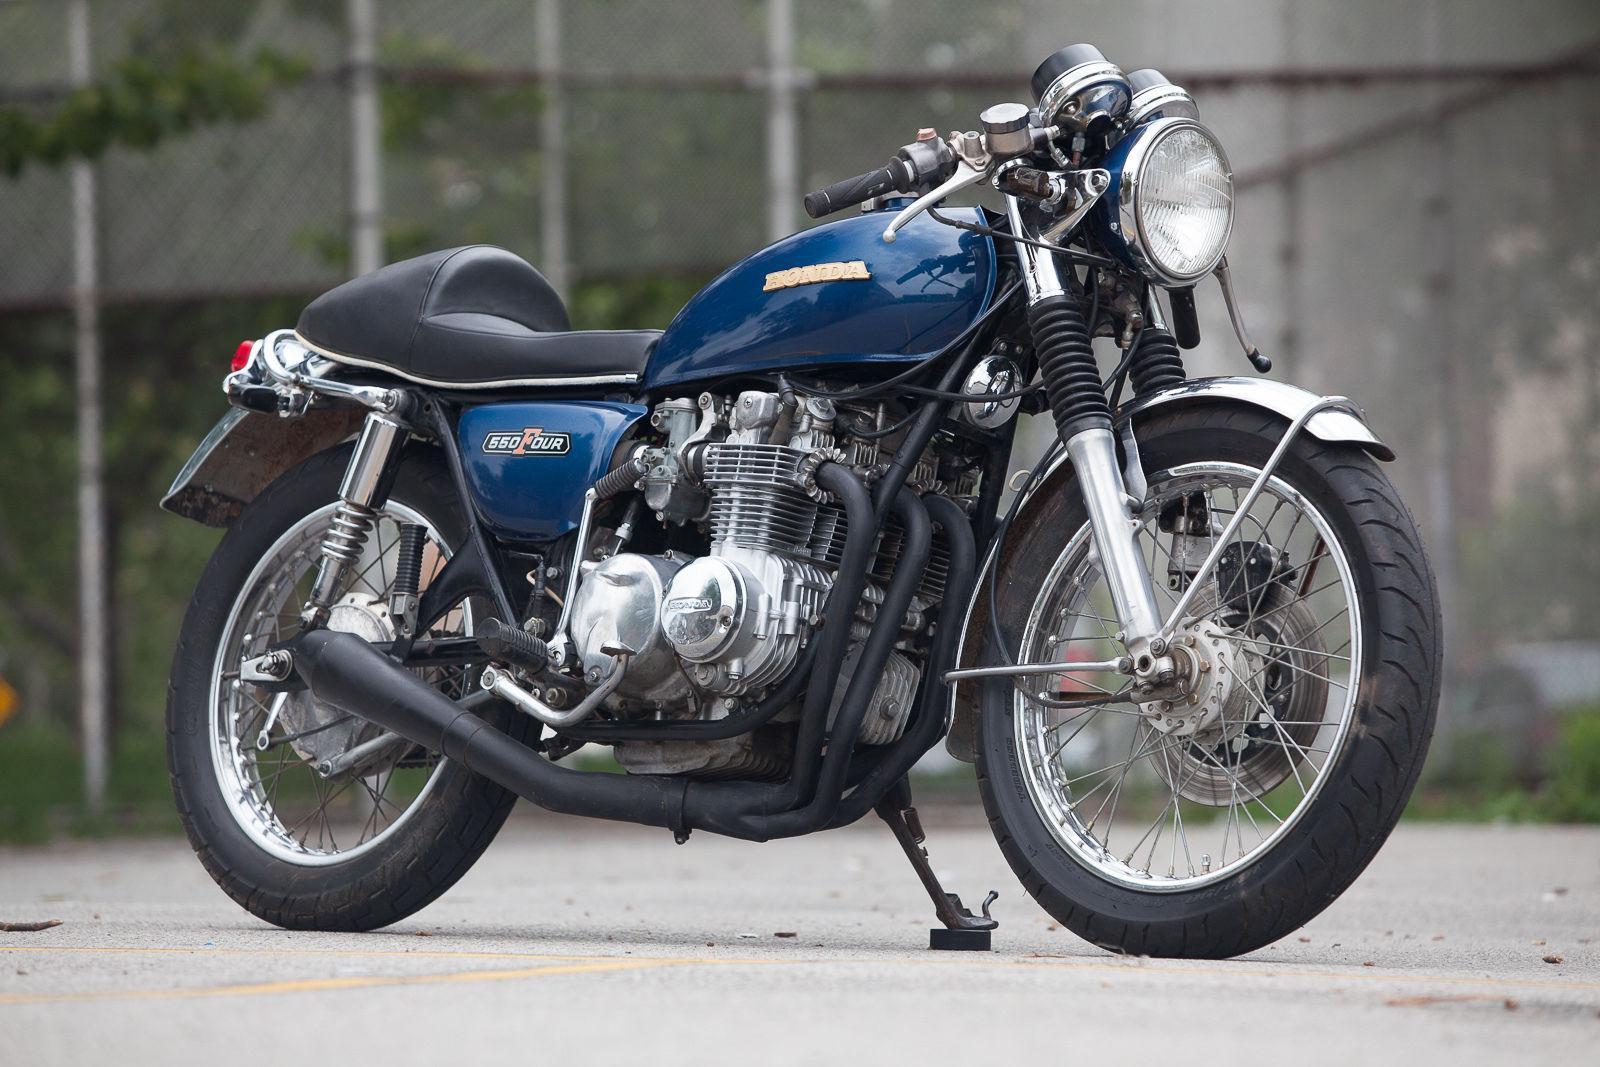 Honda Cb550 For Sale >> 1976 Honda CB550 Cafe Racer for sale